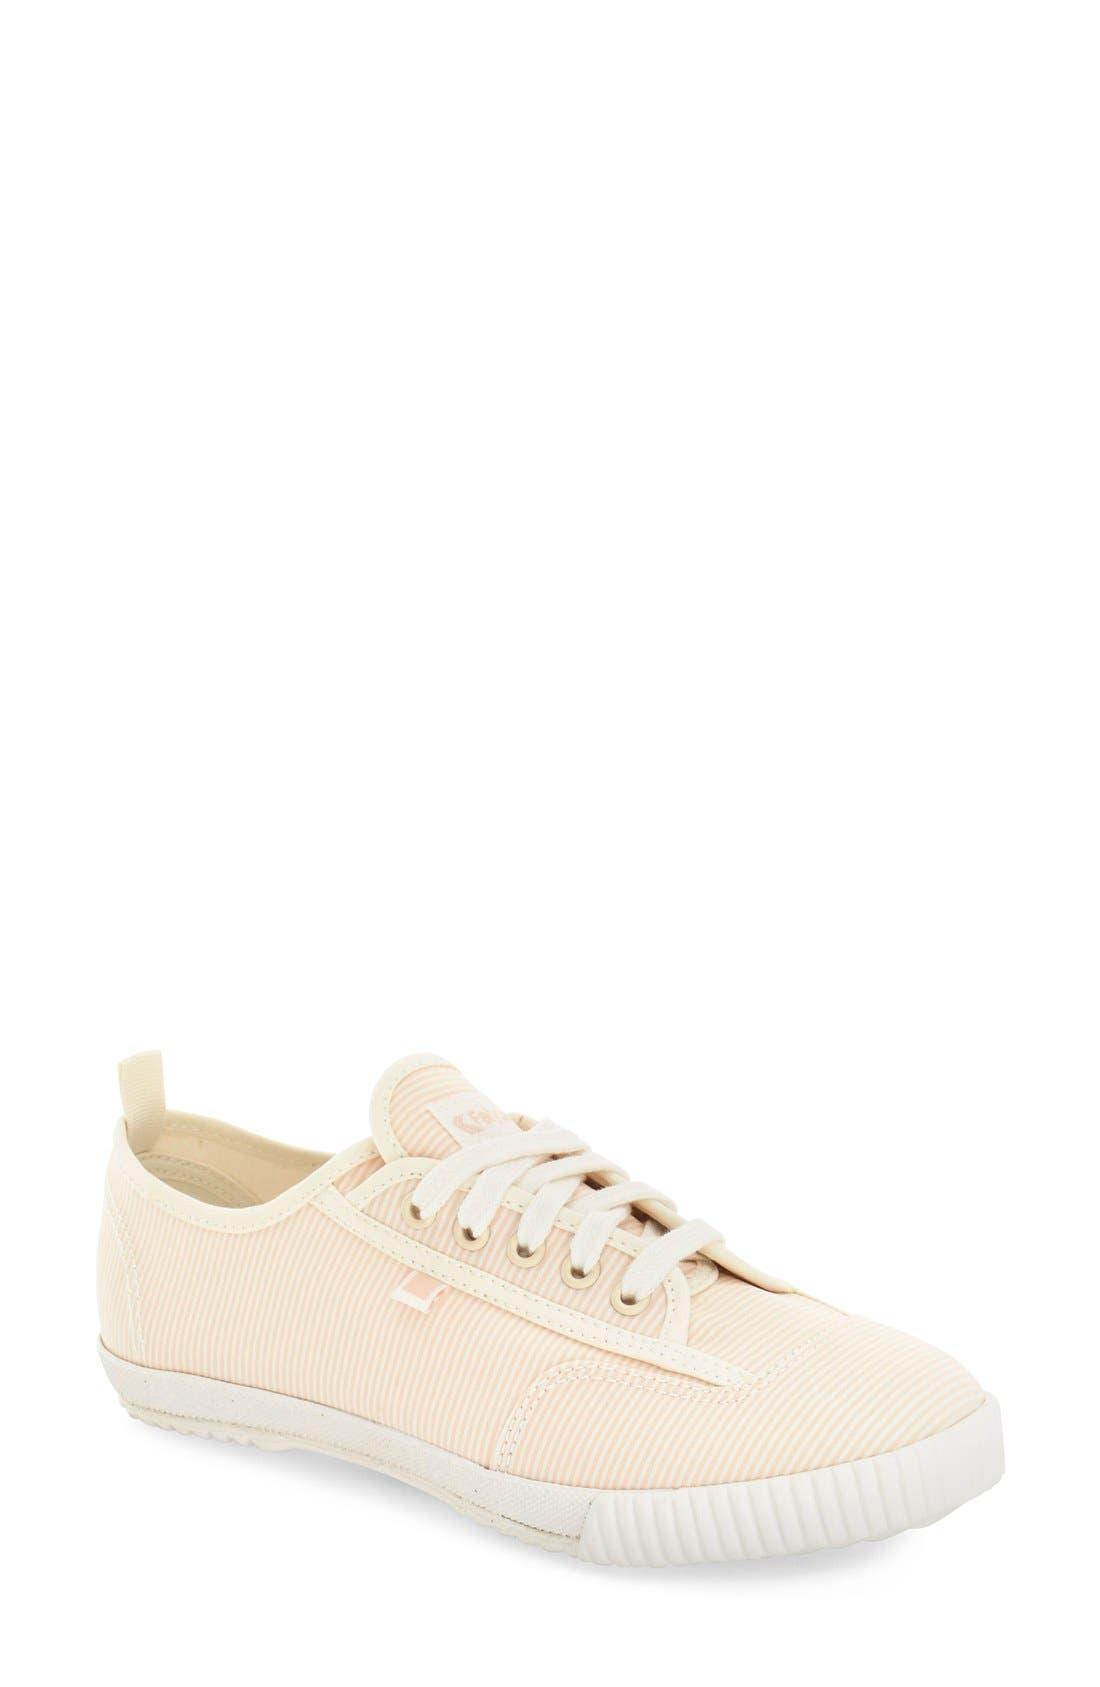 Feiyue. 'Valerie' Canvas Sneaker (Women)